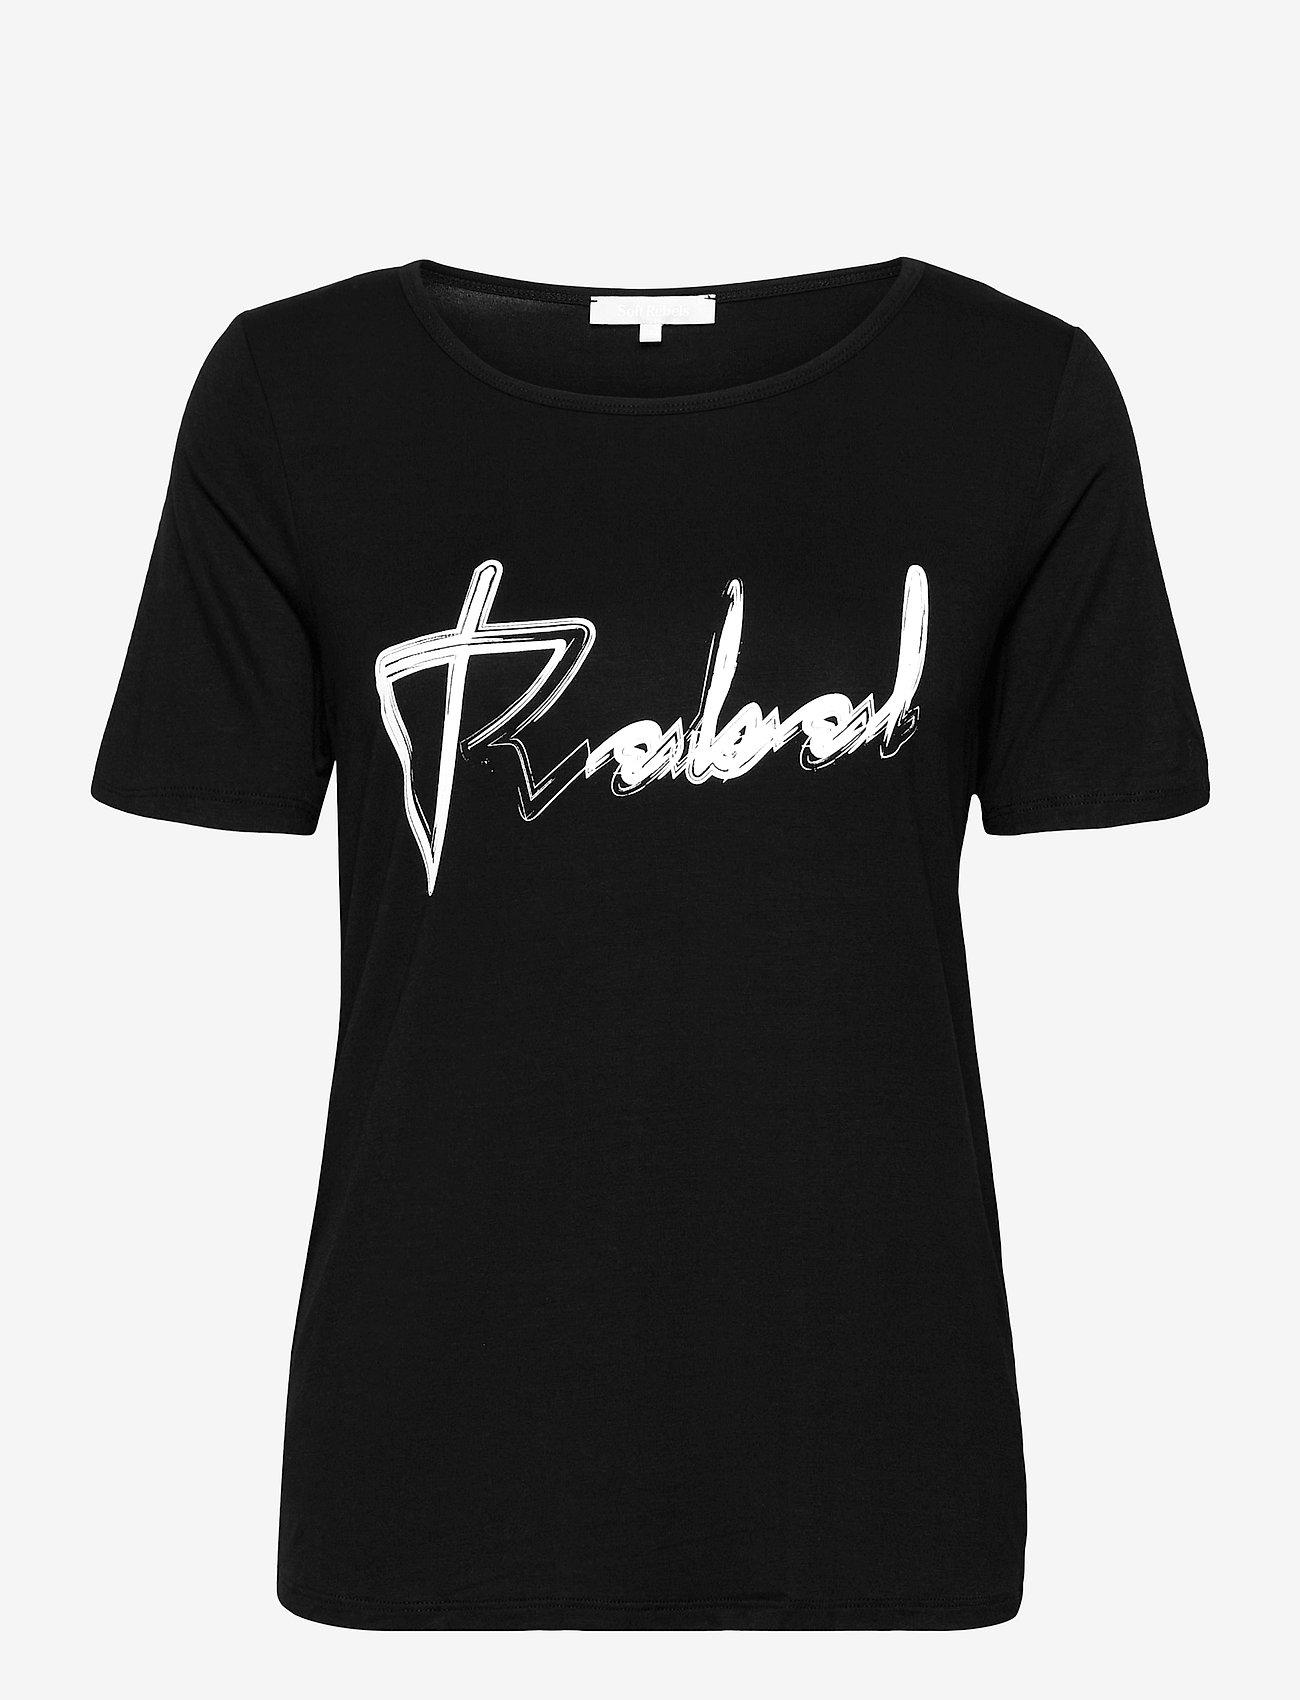 Soft Rebels - SRRebels T-shirt - t-shirts - black - 0